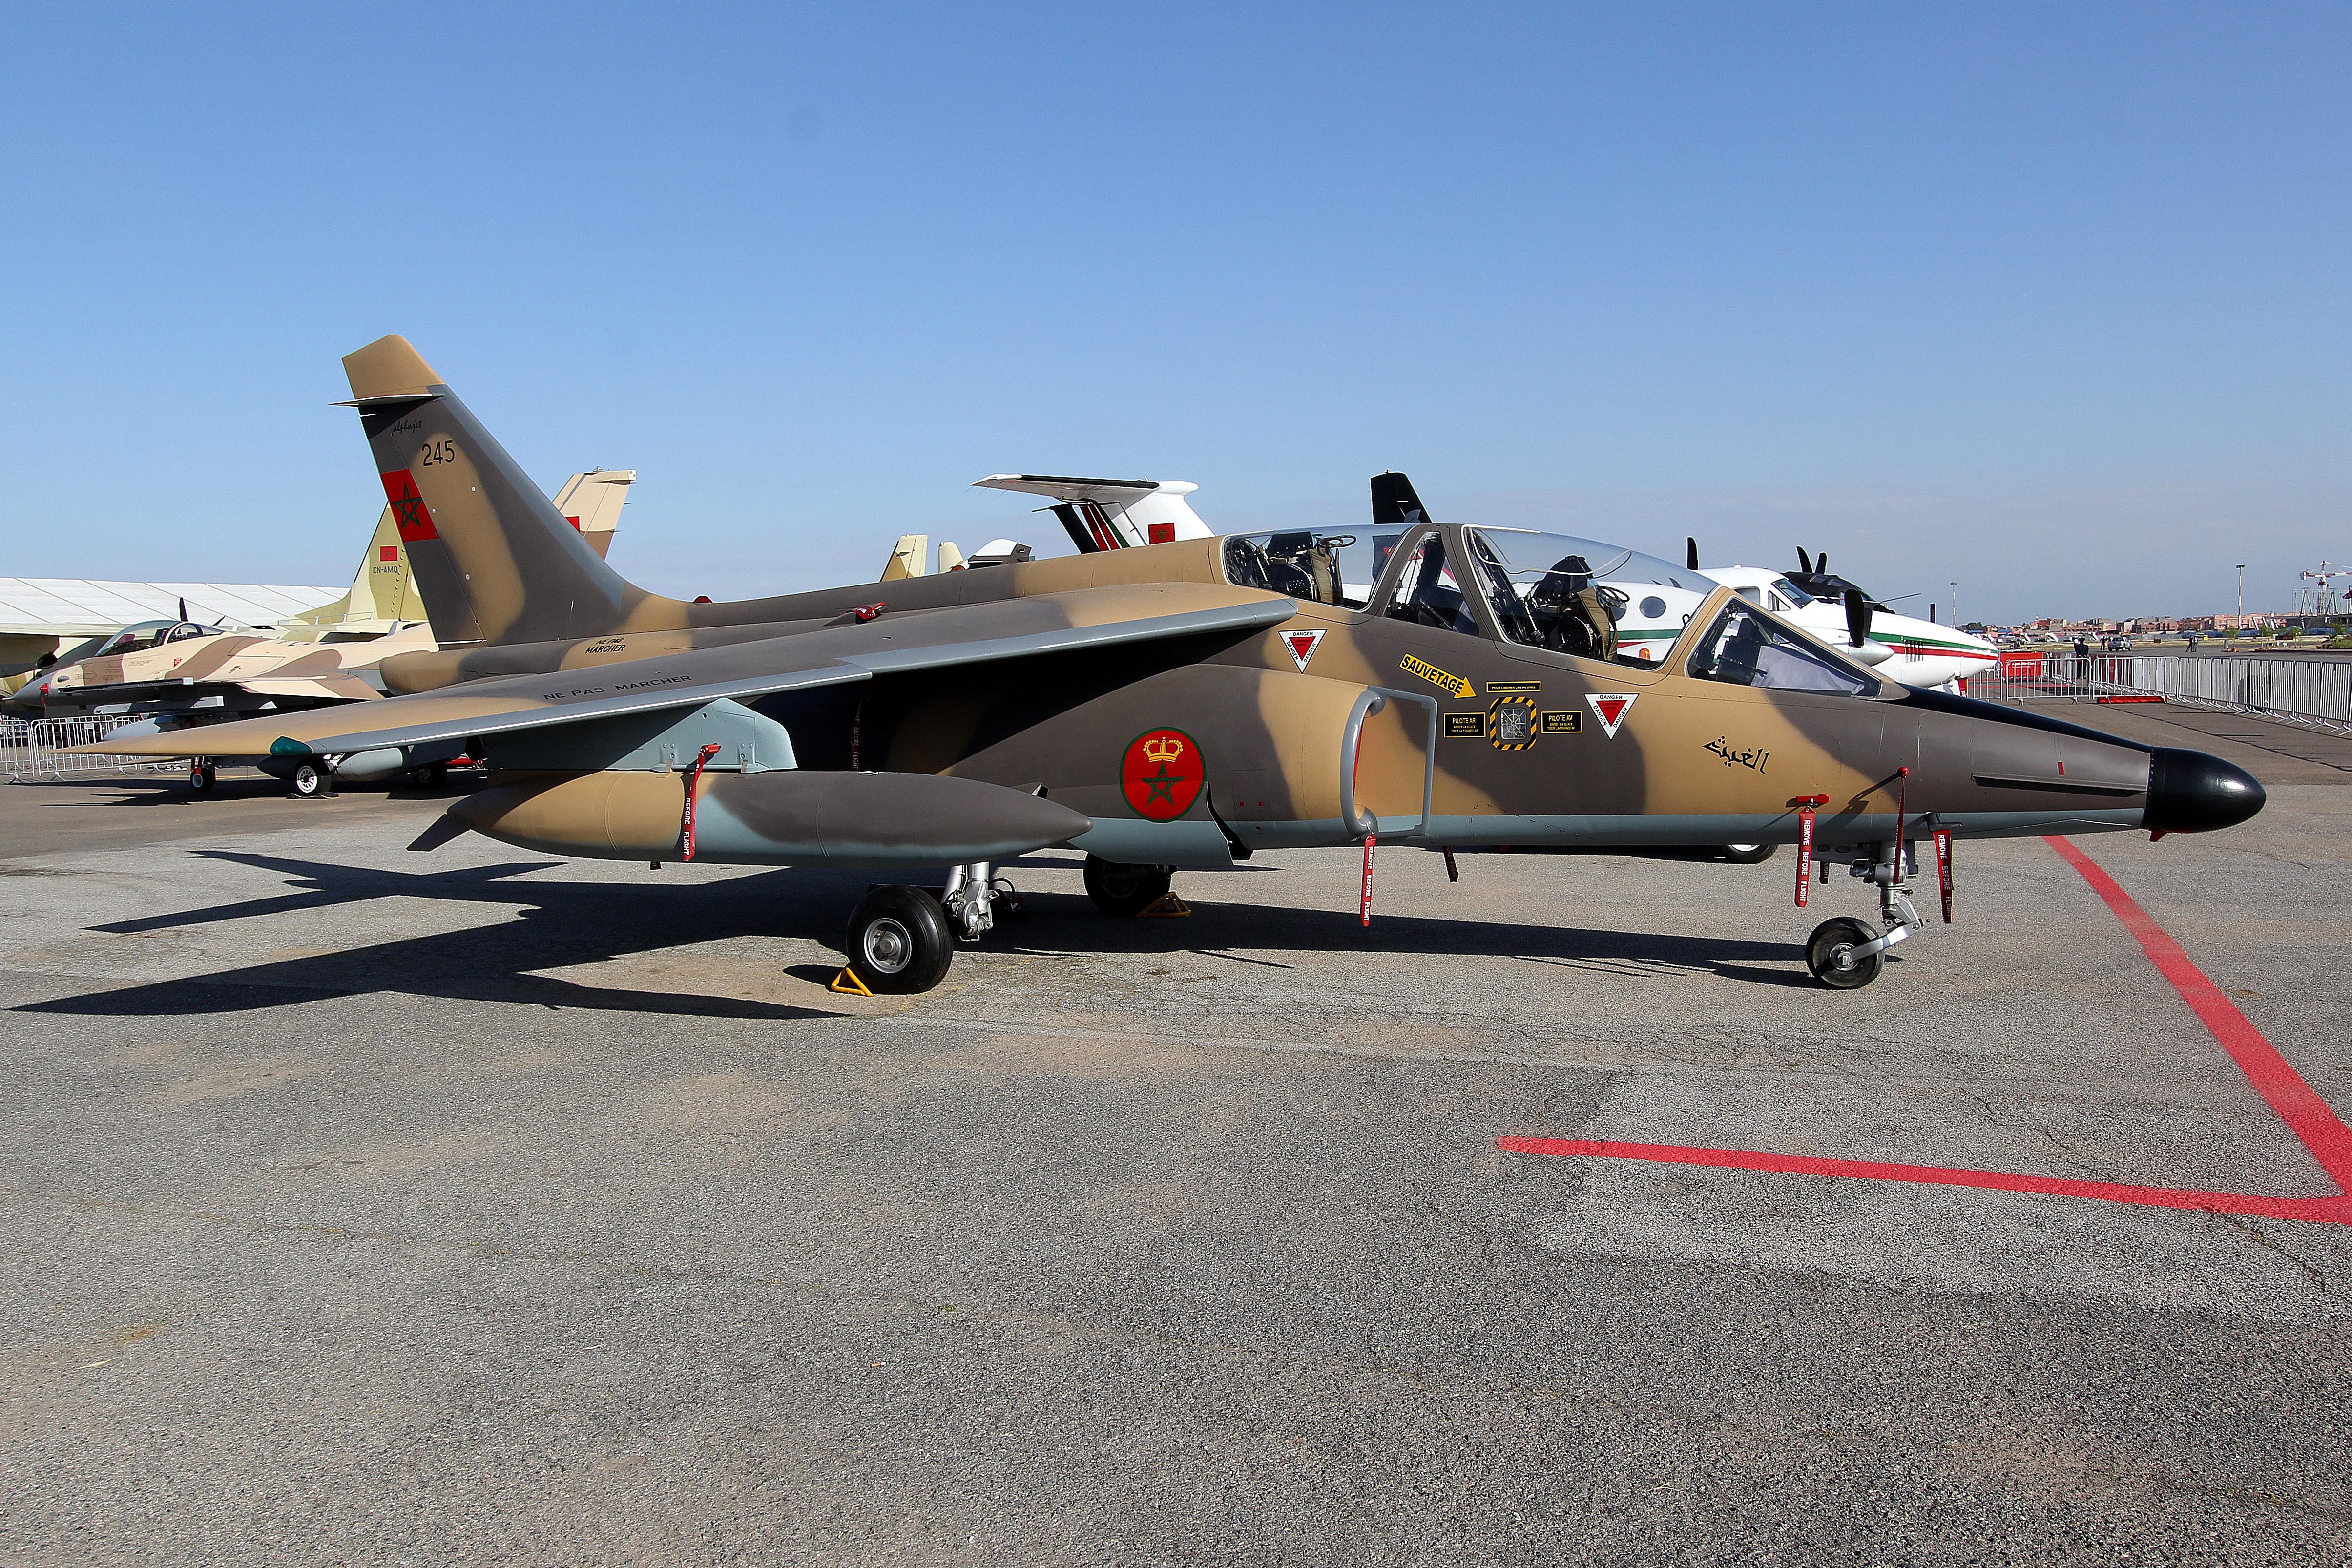 FRA: Photos avions d'entrainement et anti insurrection - Page 7 14475305752_951e946d07_o